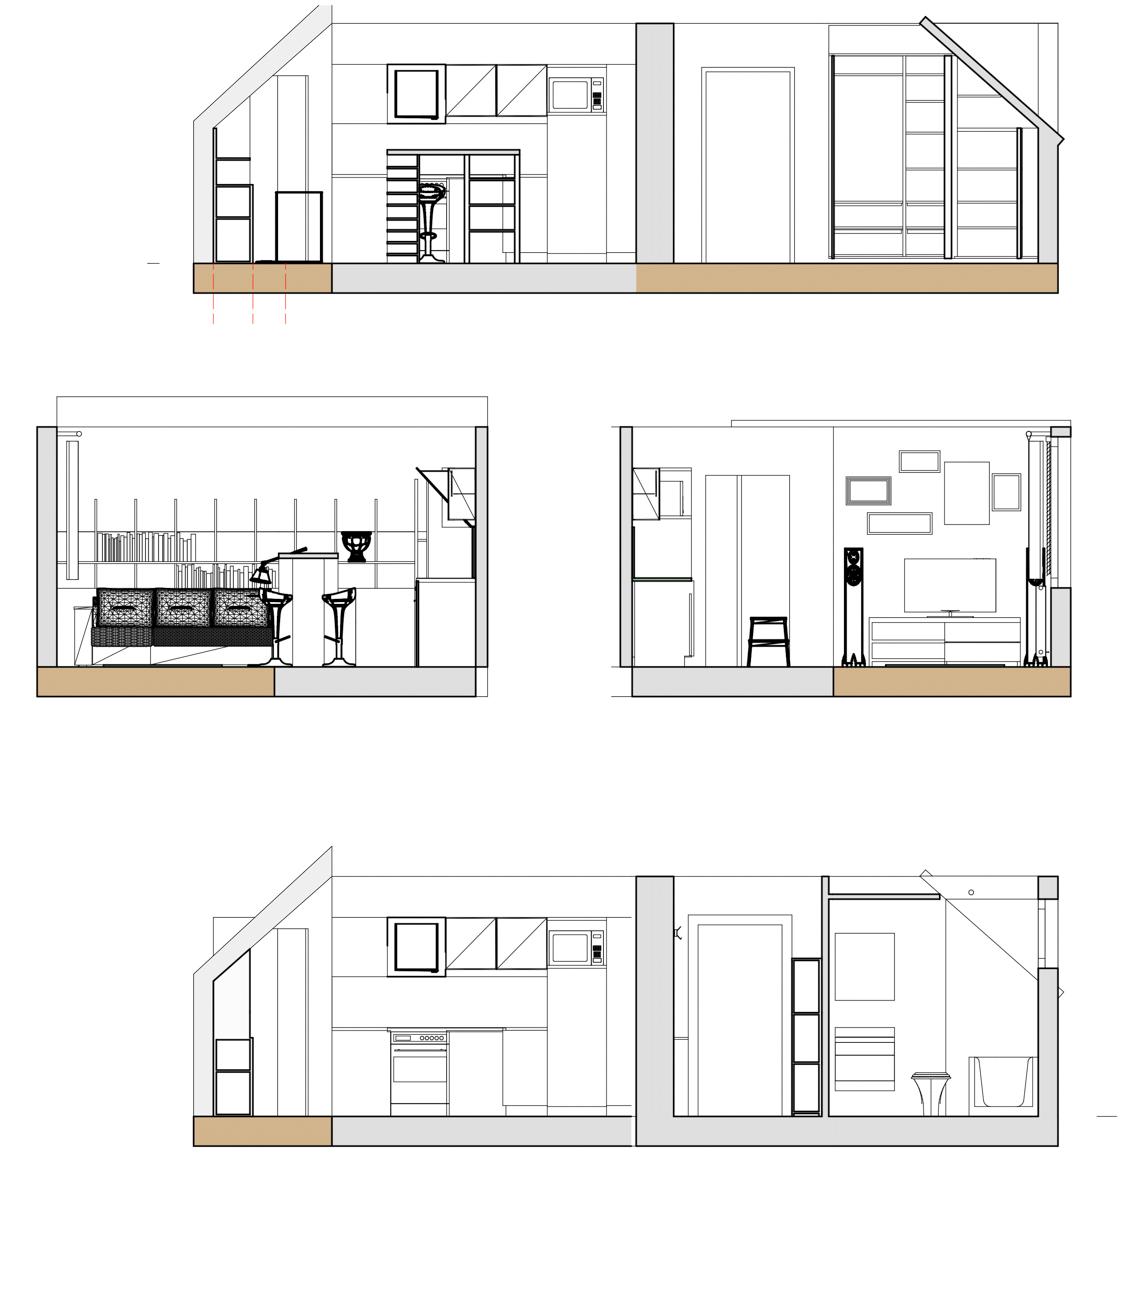 Bild9_Plan